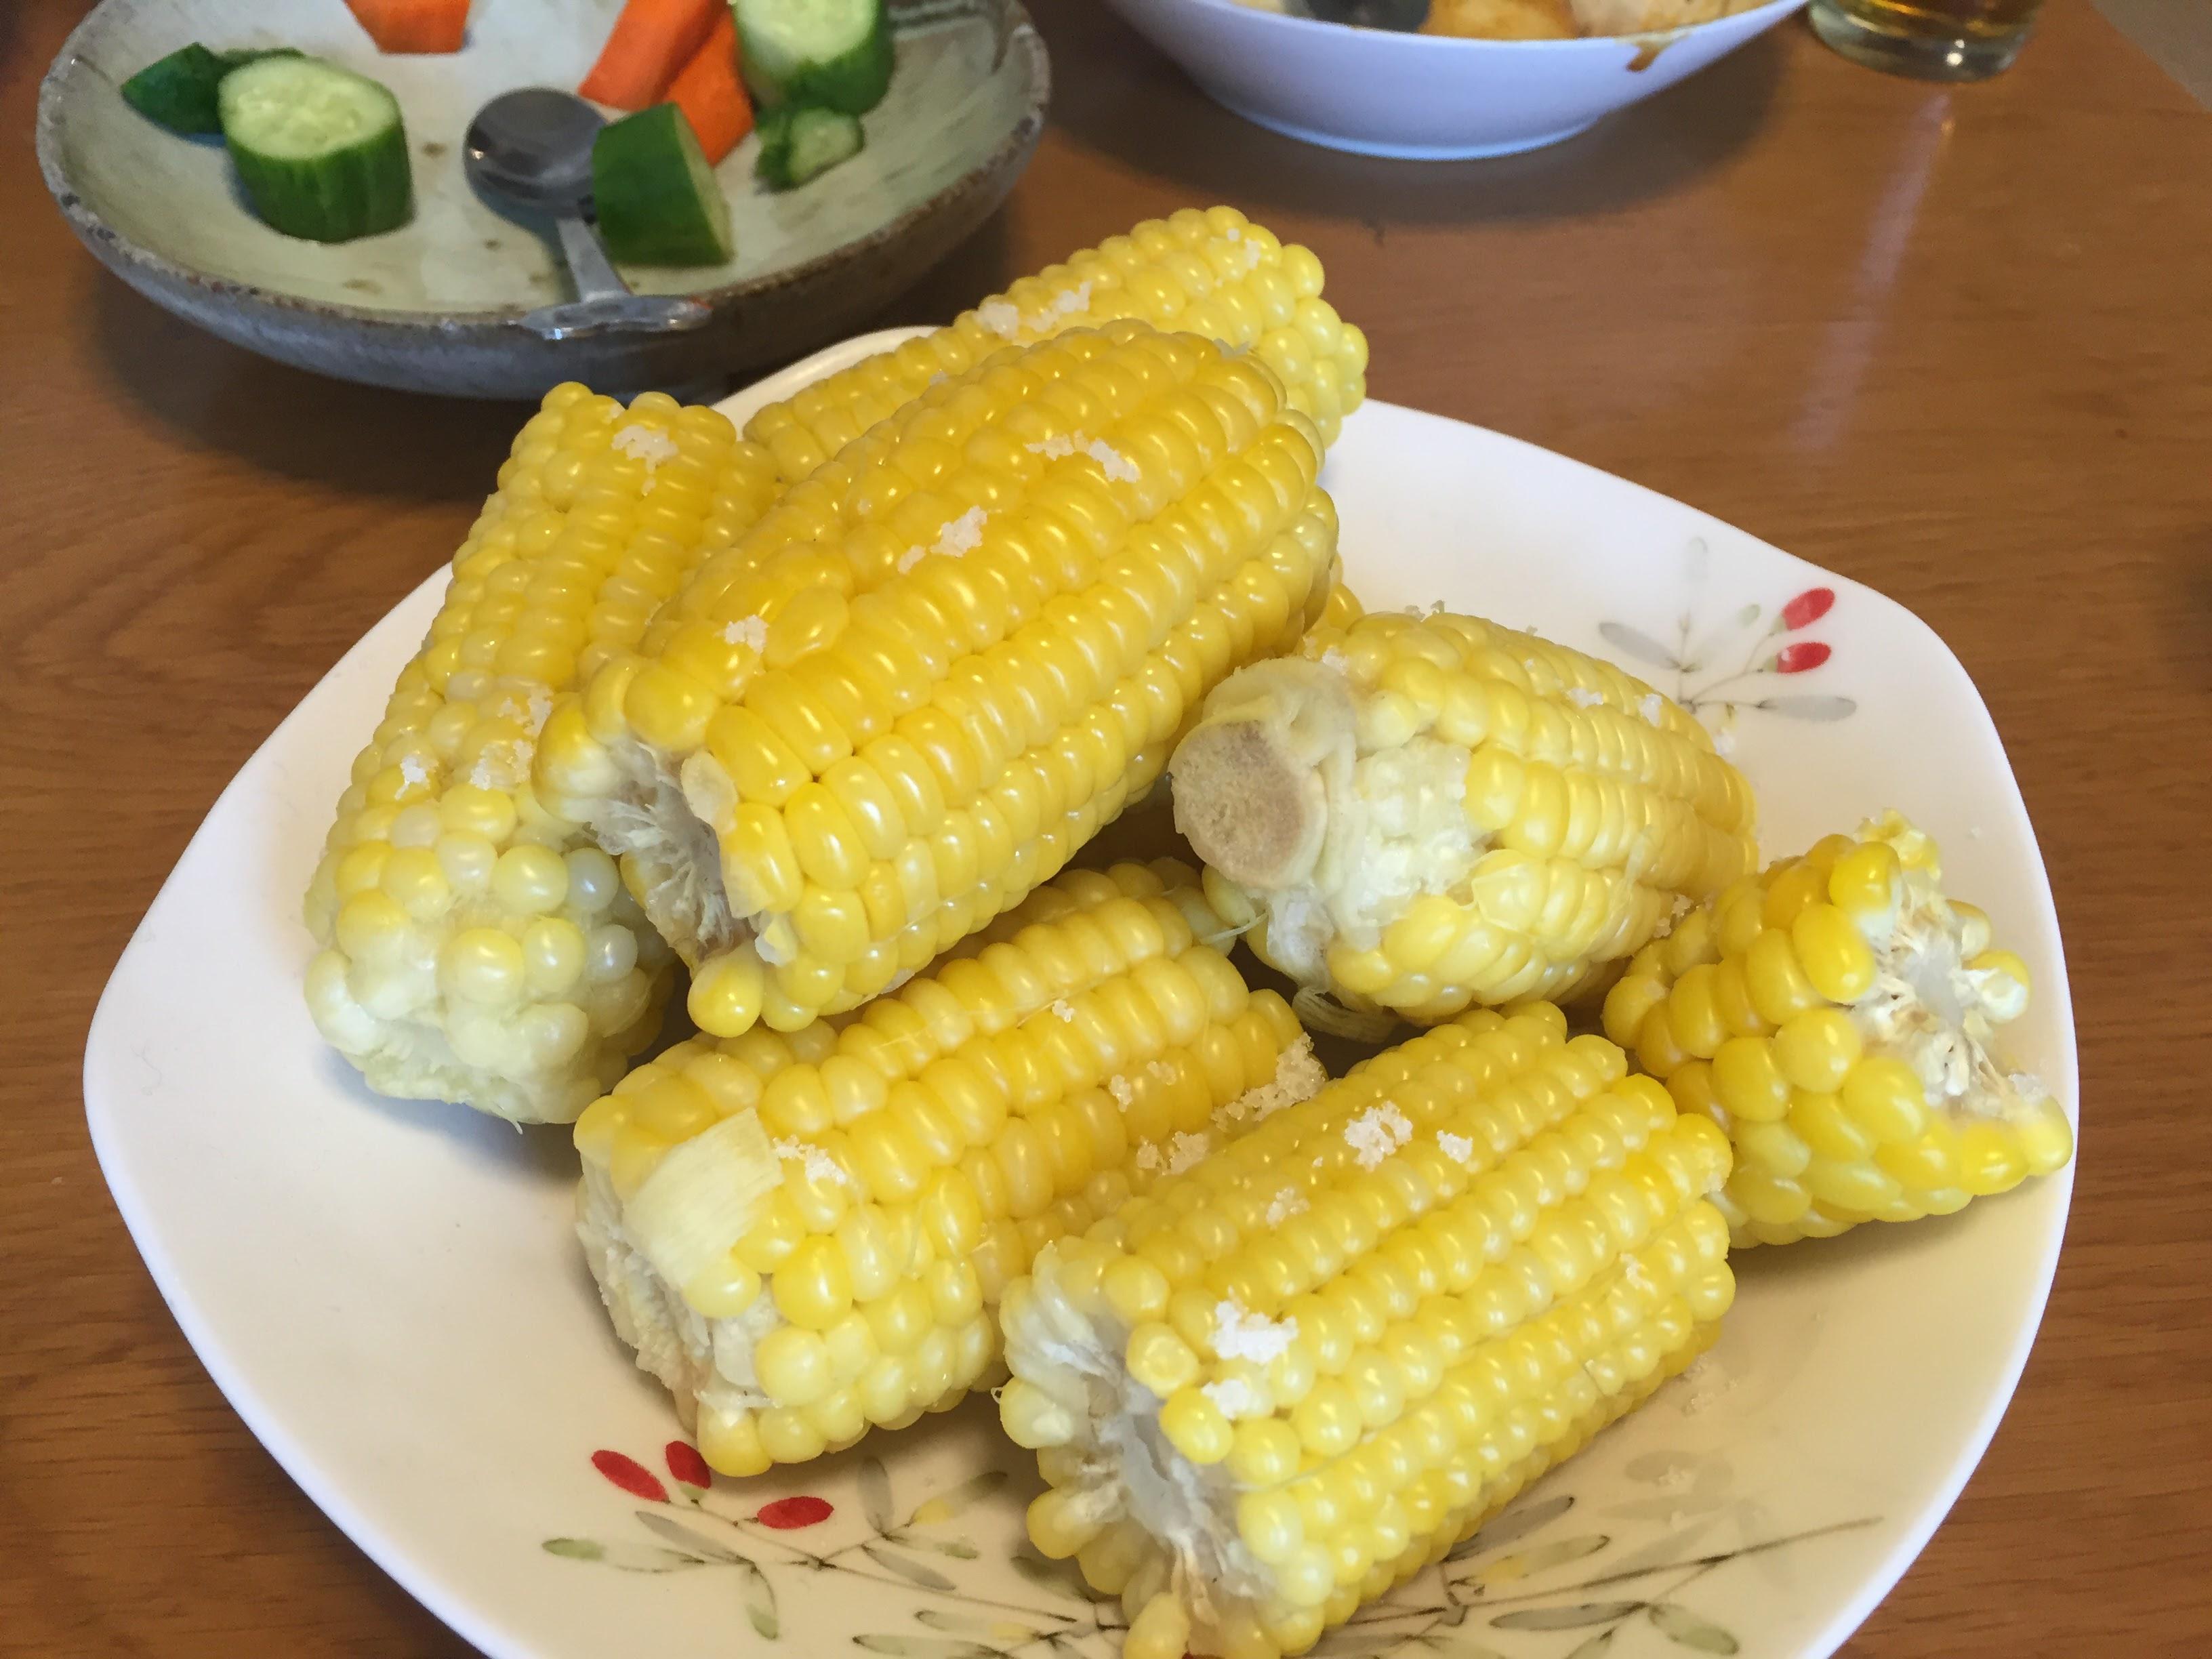 自然栽培とうもろこしを食べるために井垣農園へ行ったよ!